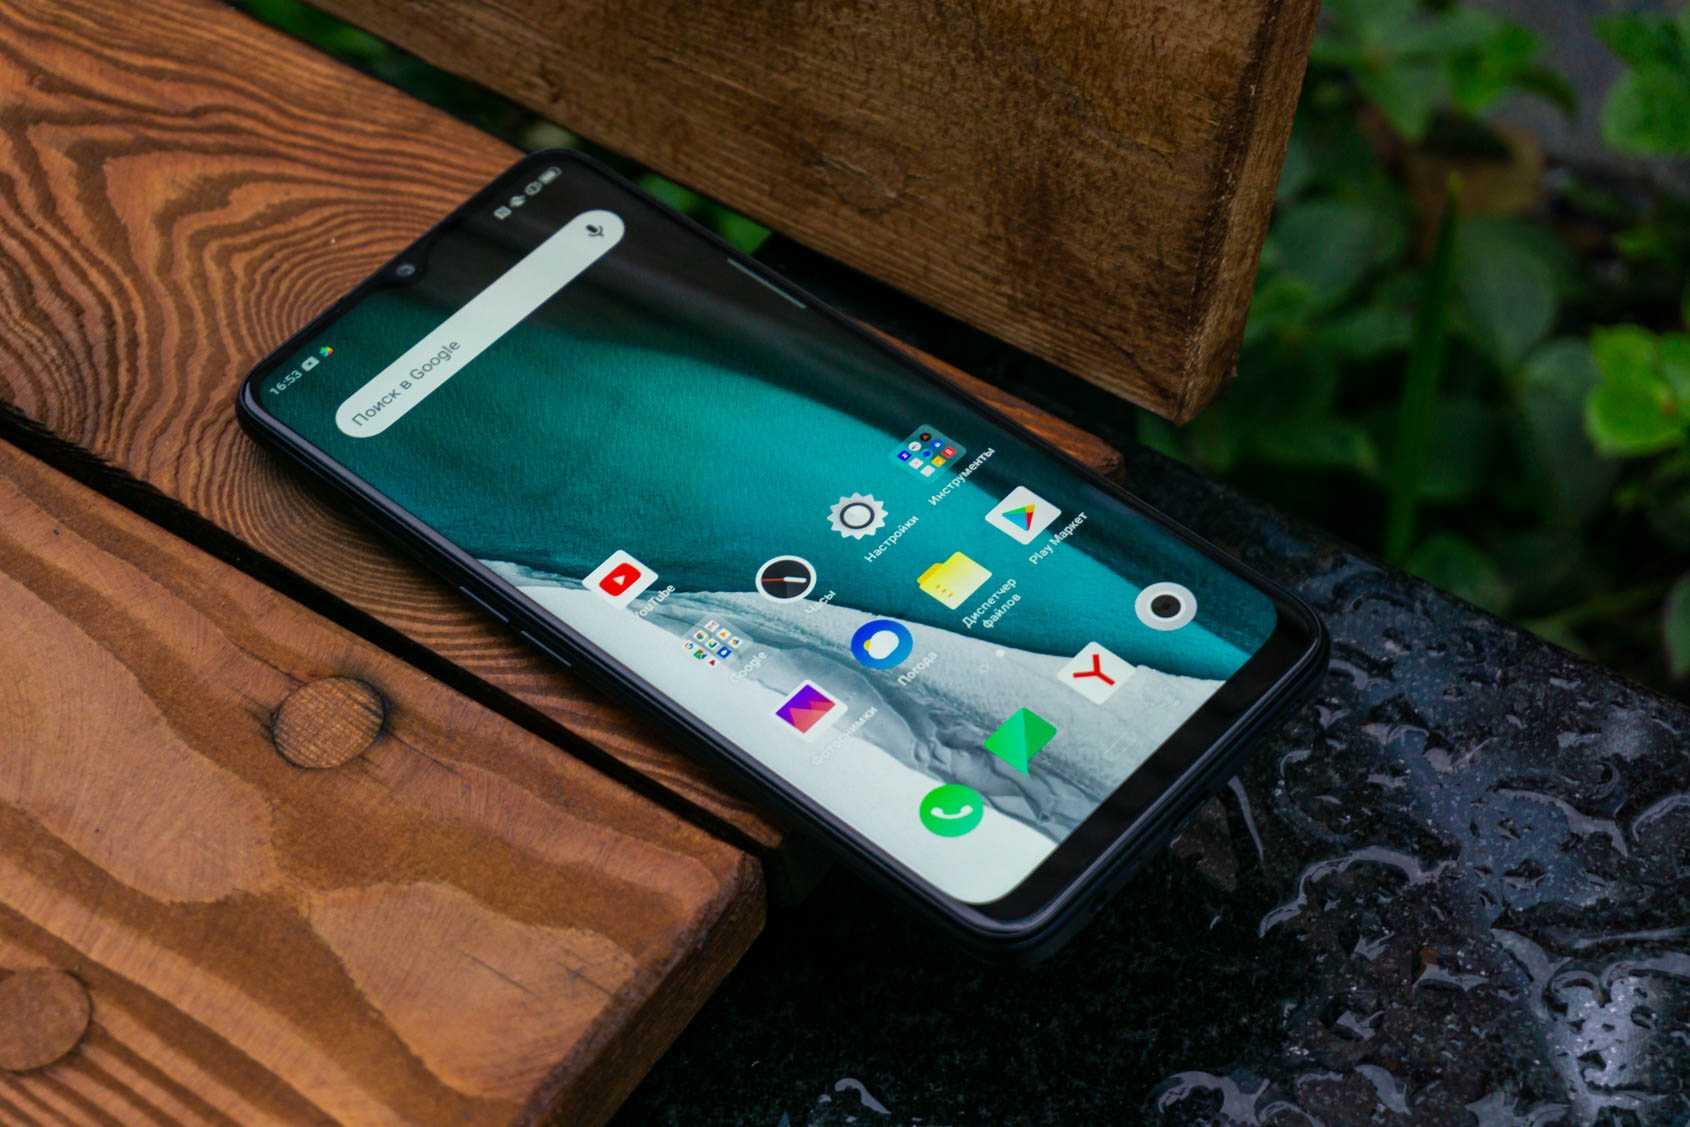 На территории Индии компания OPPO представила новый бюджетный телефон серии OPPO A15 Модель стоит около 200 долларов По идее такой же ценник будет в Америке но